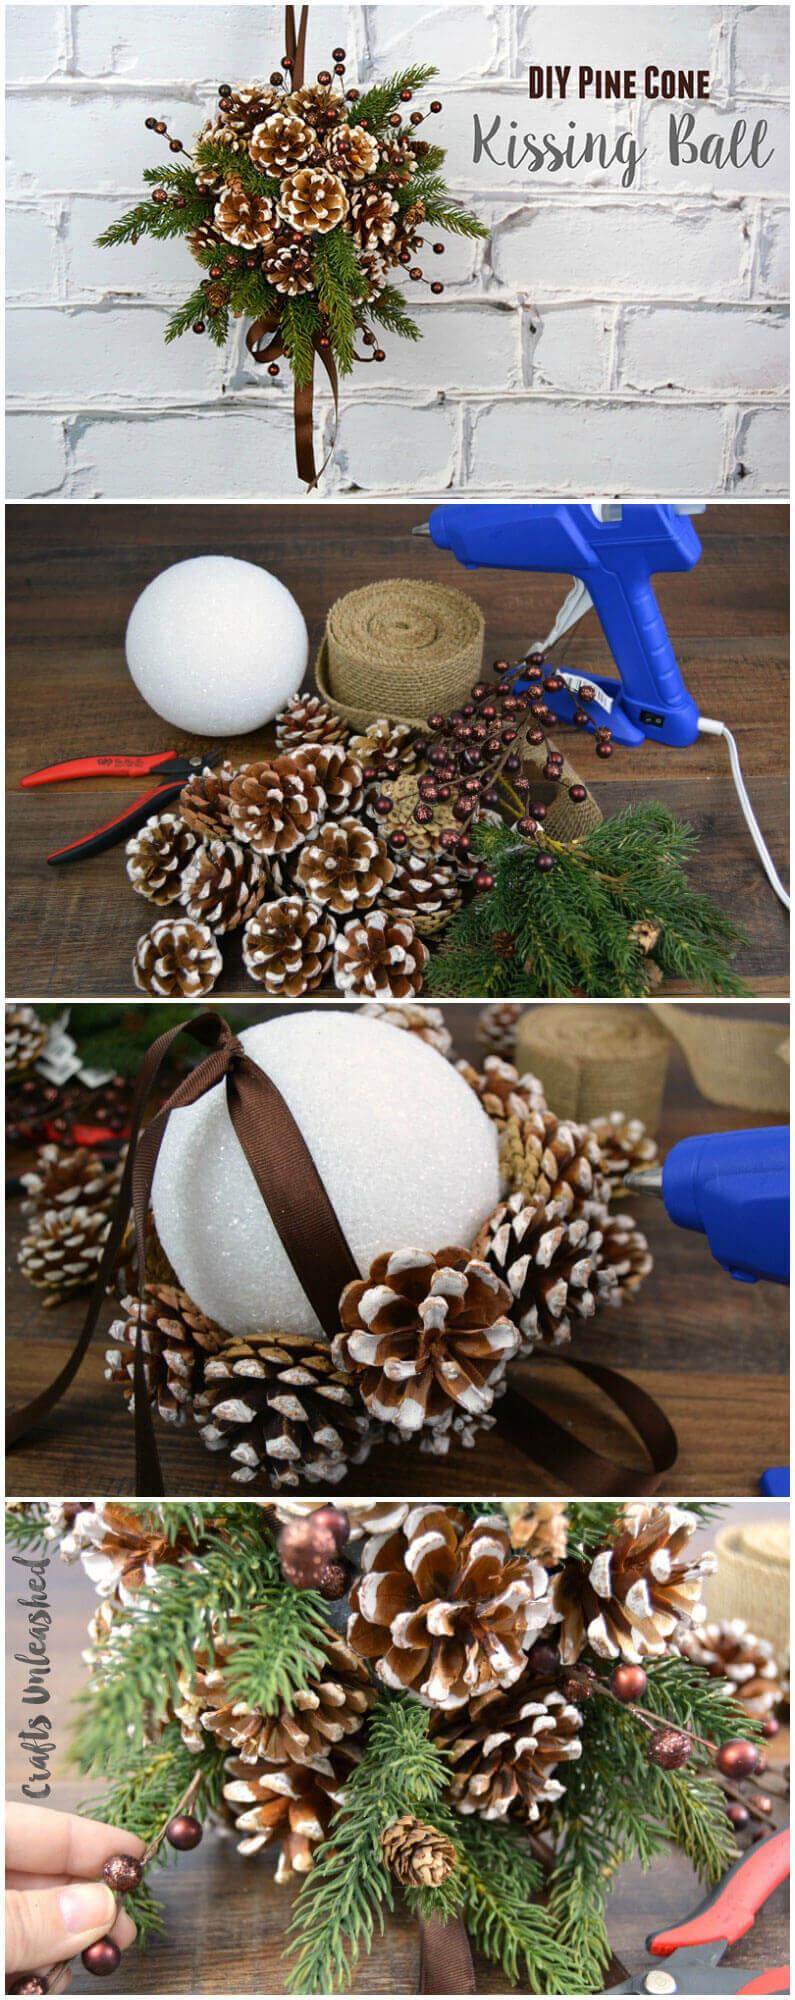 DIY Pine Cone Kissing Ball